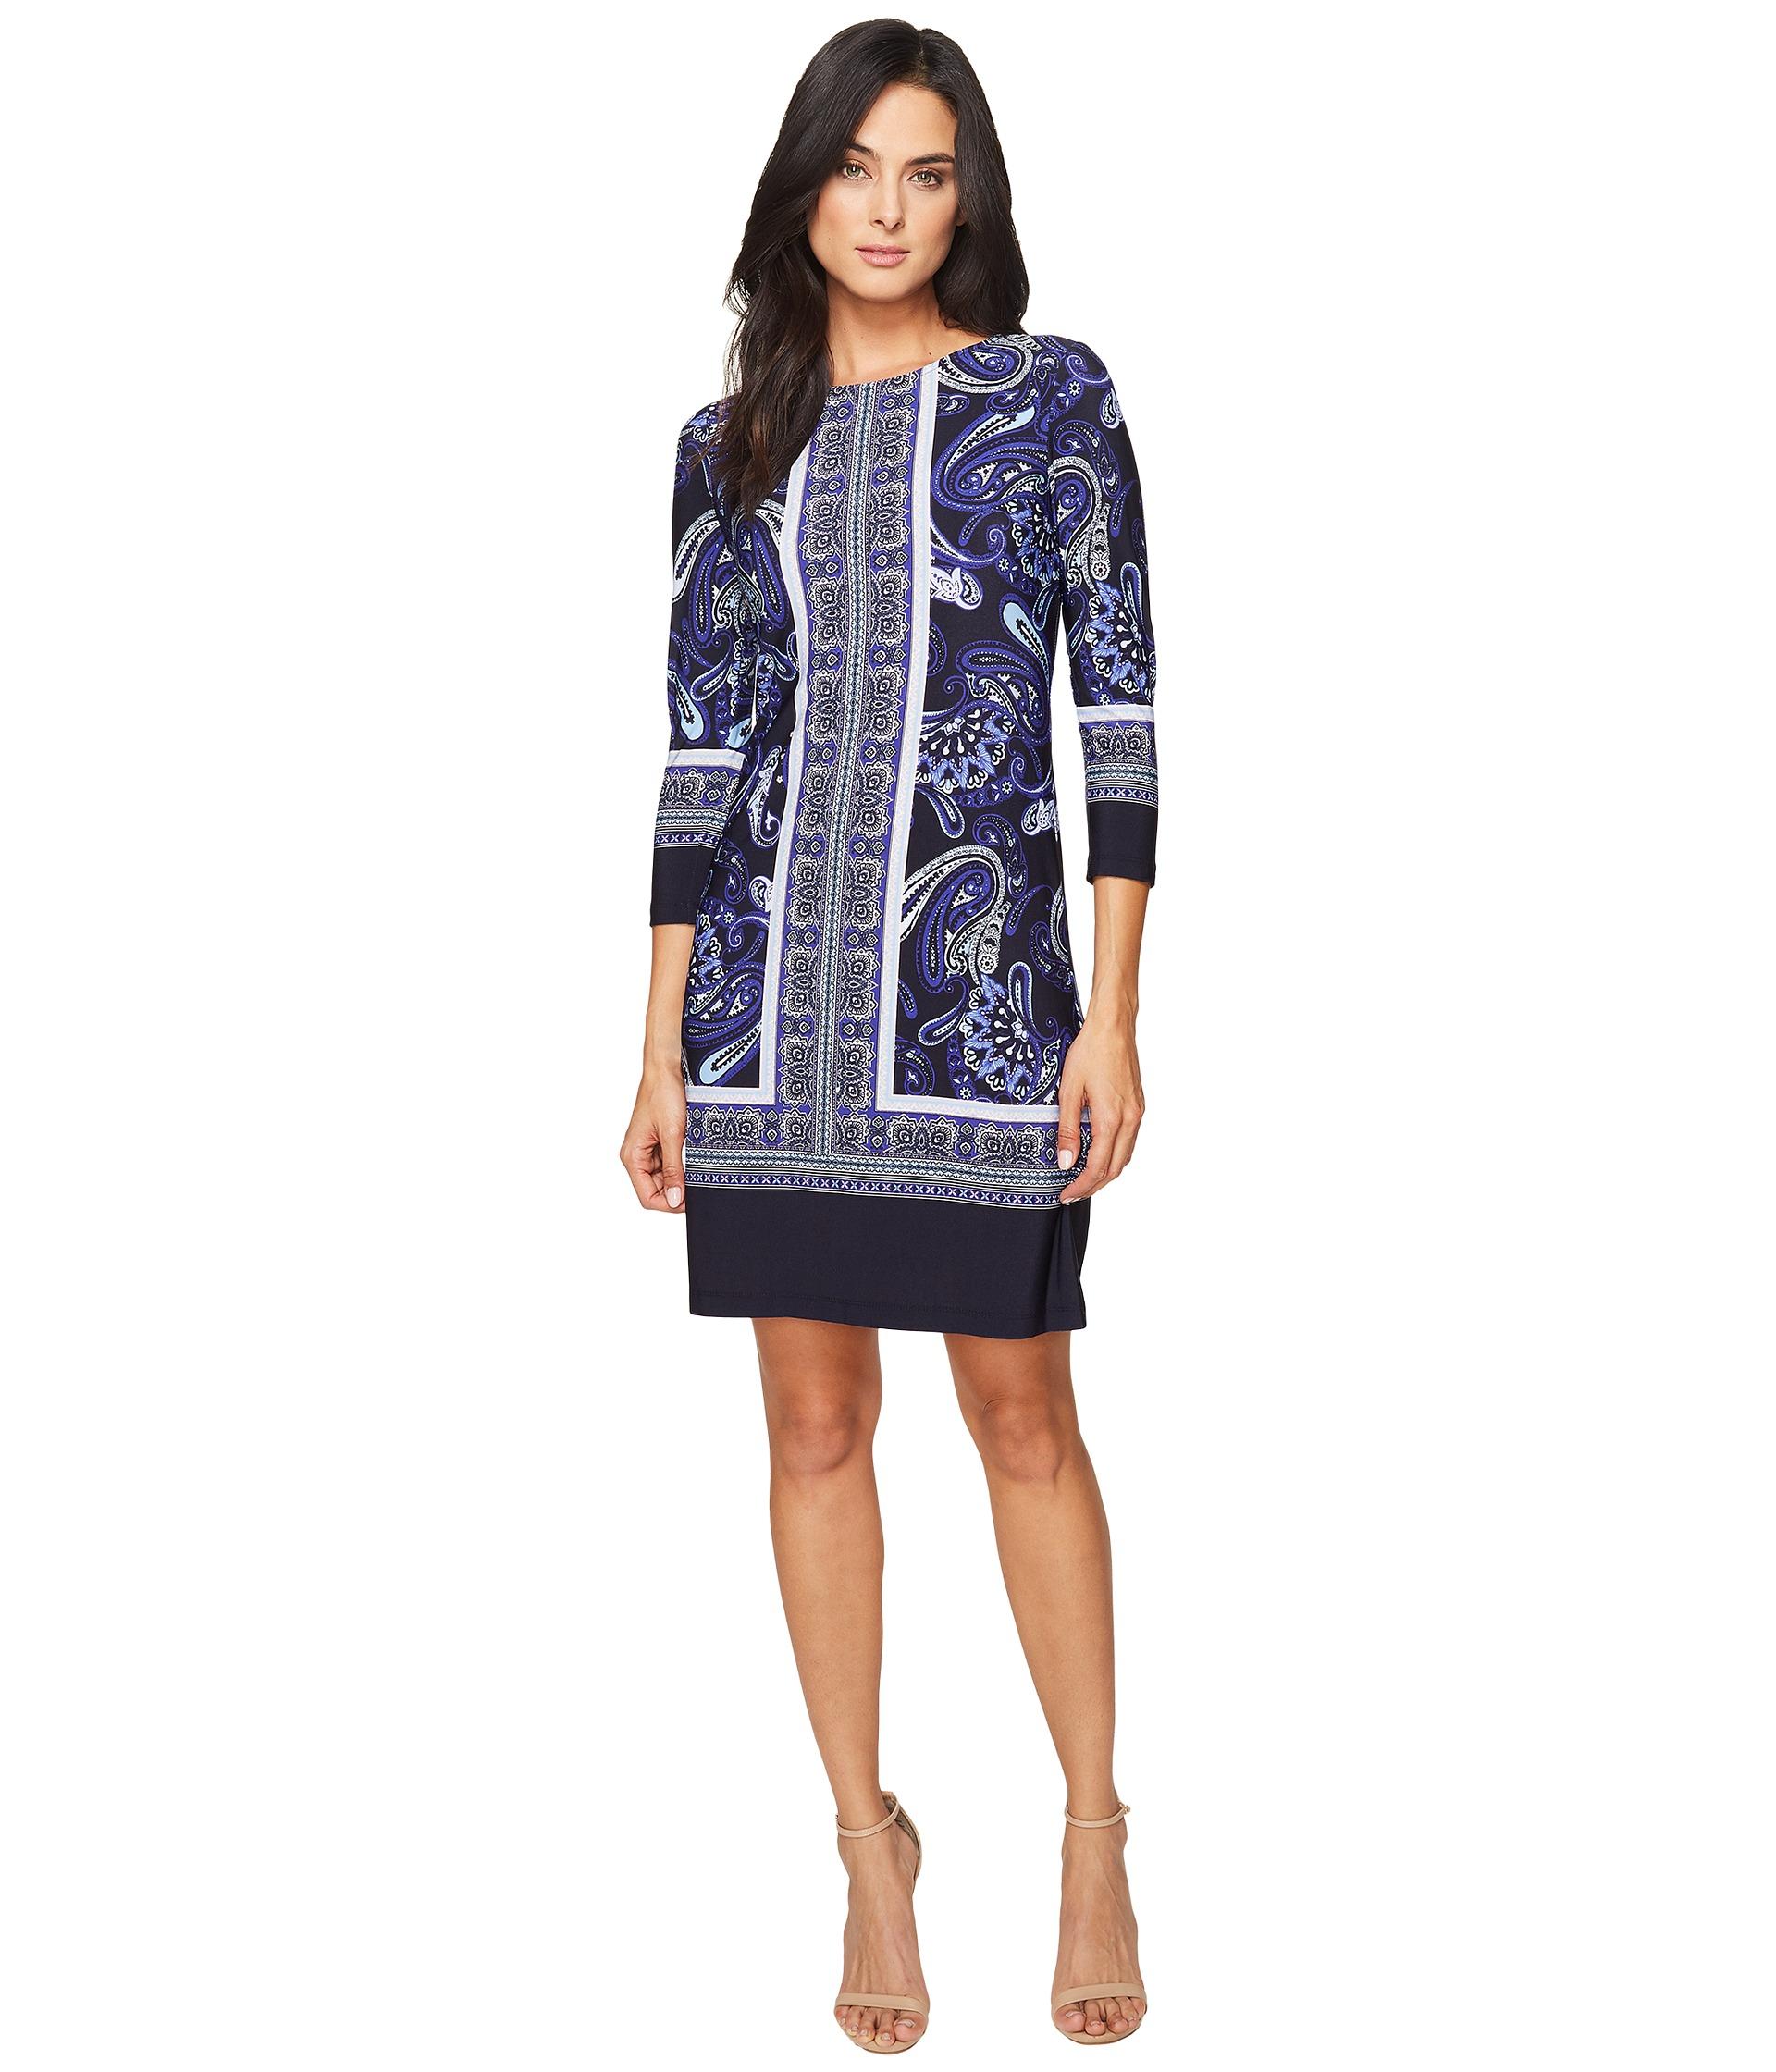 Donna Morgan- Clothing- Women - Shipped Free at Zappos